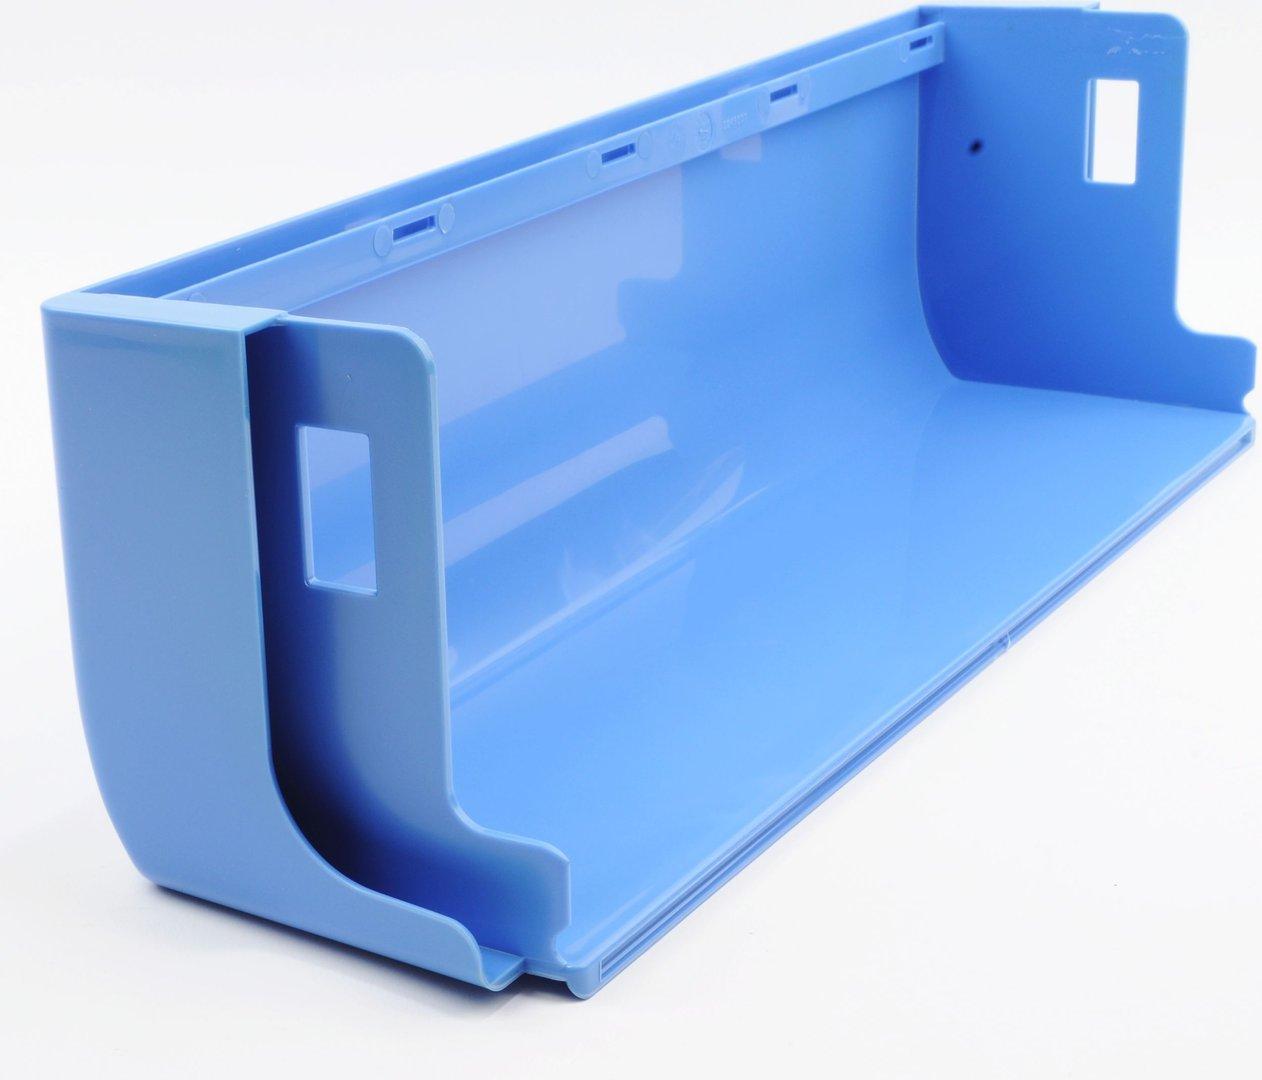 Privileg Flaschenfach blau 430mm breit für Kühlschrank 2246007088